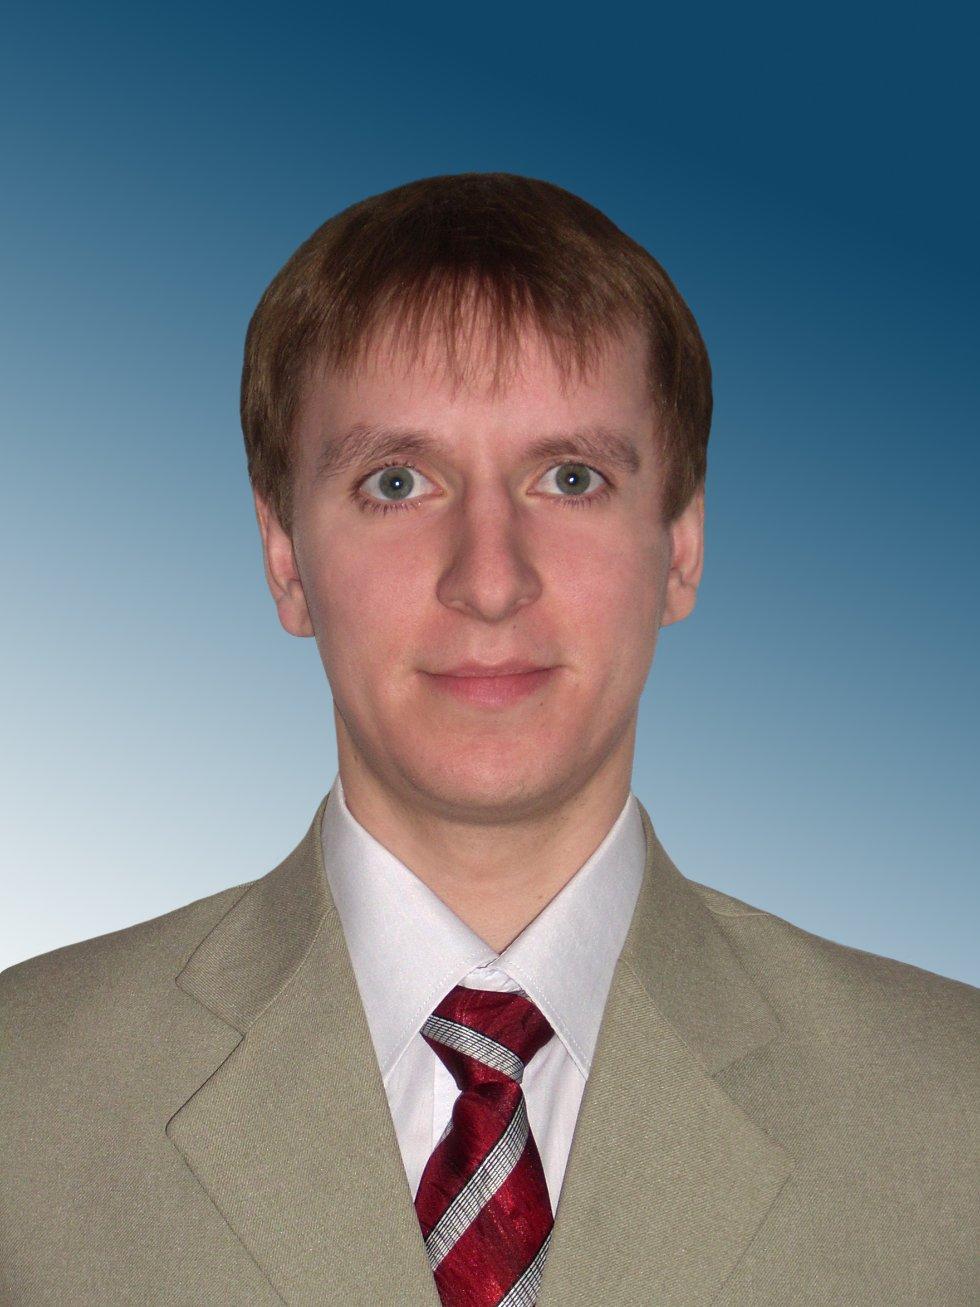 Иванов Михаил Евгеньевич